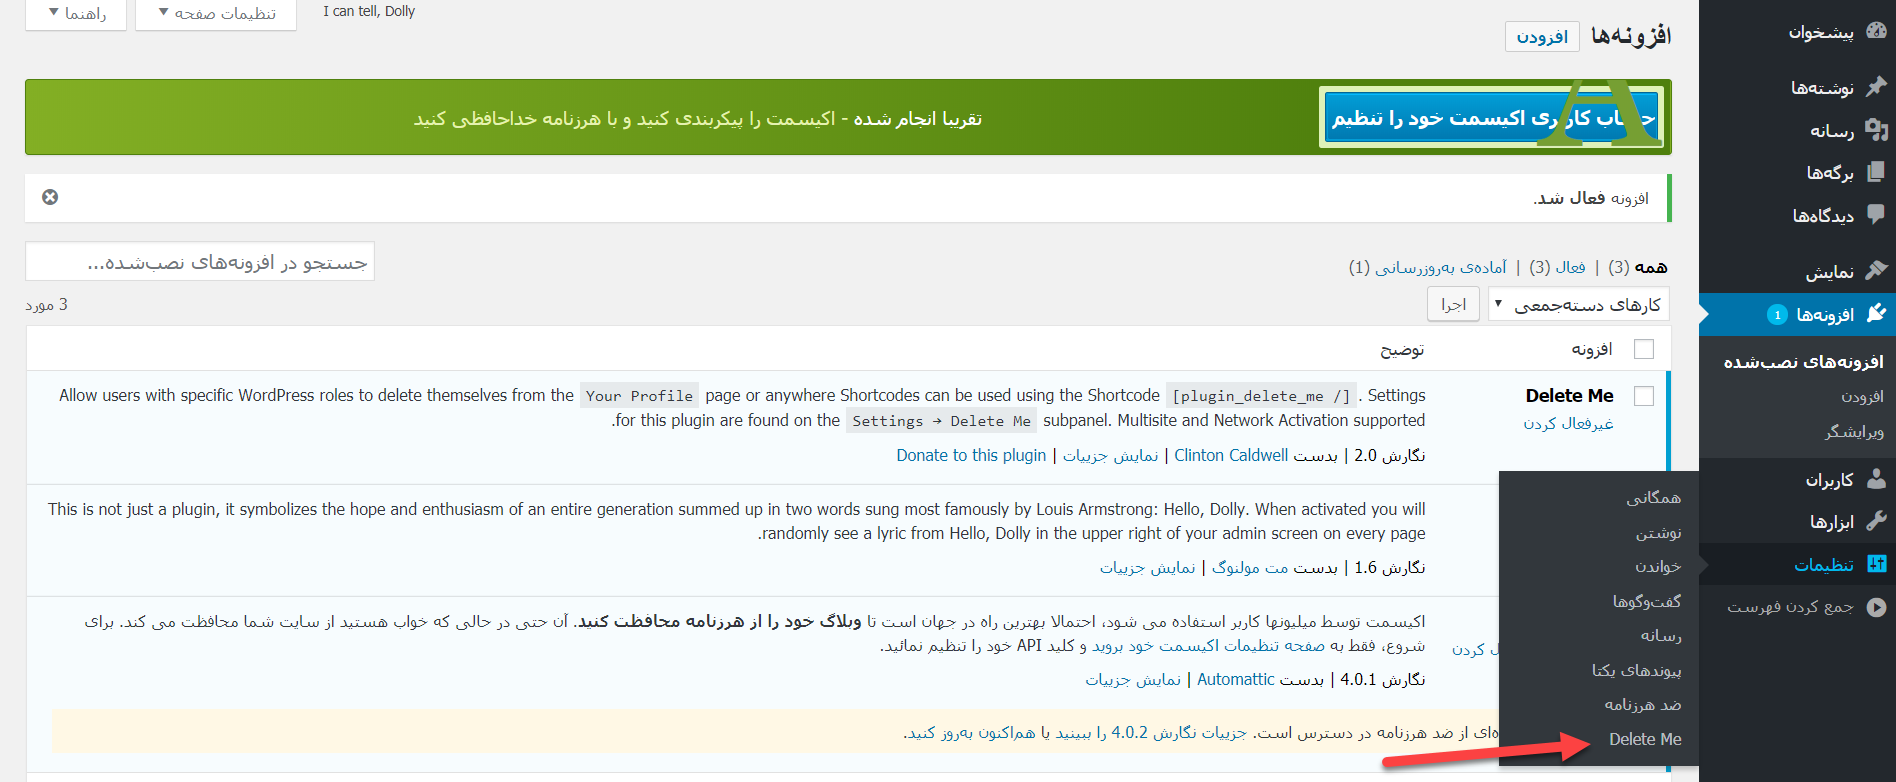 حذف اکانت کاربری توسط کاربر در وردپرس با افزونه Delete Me